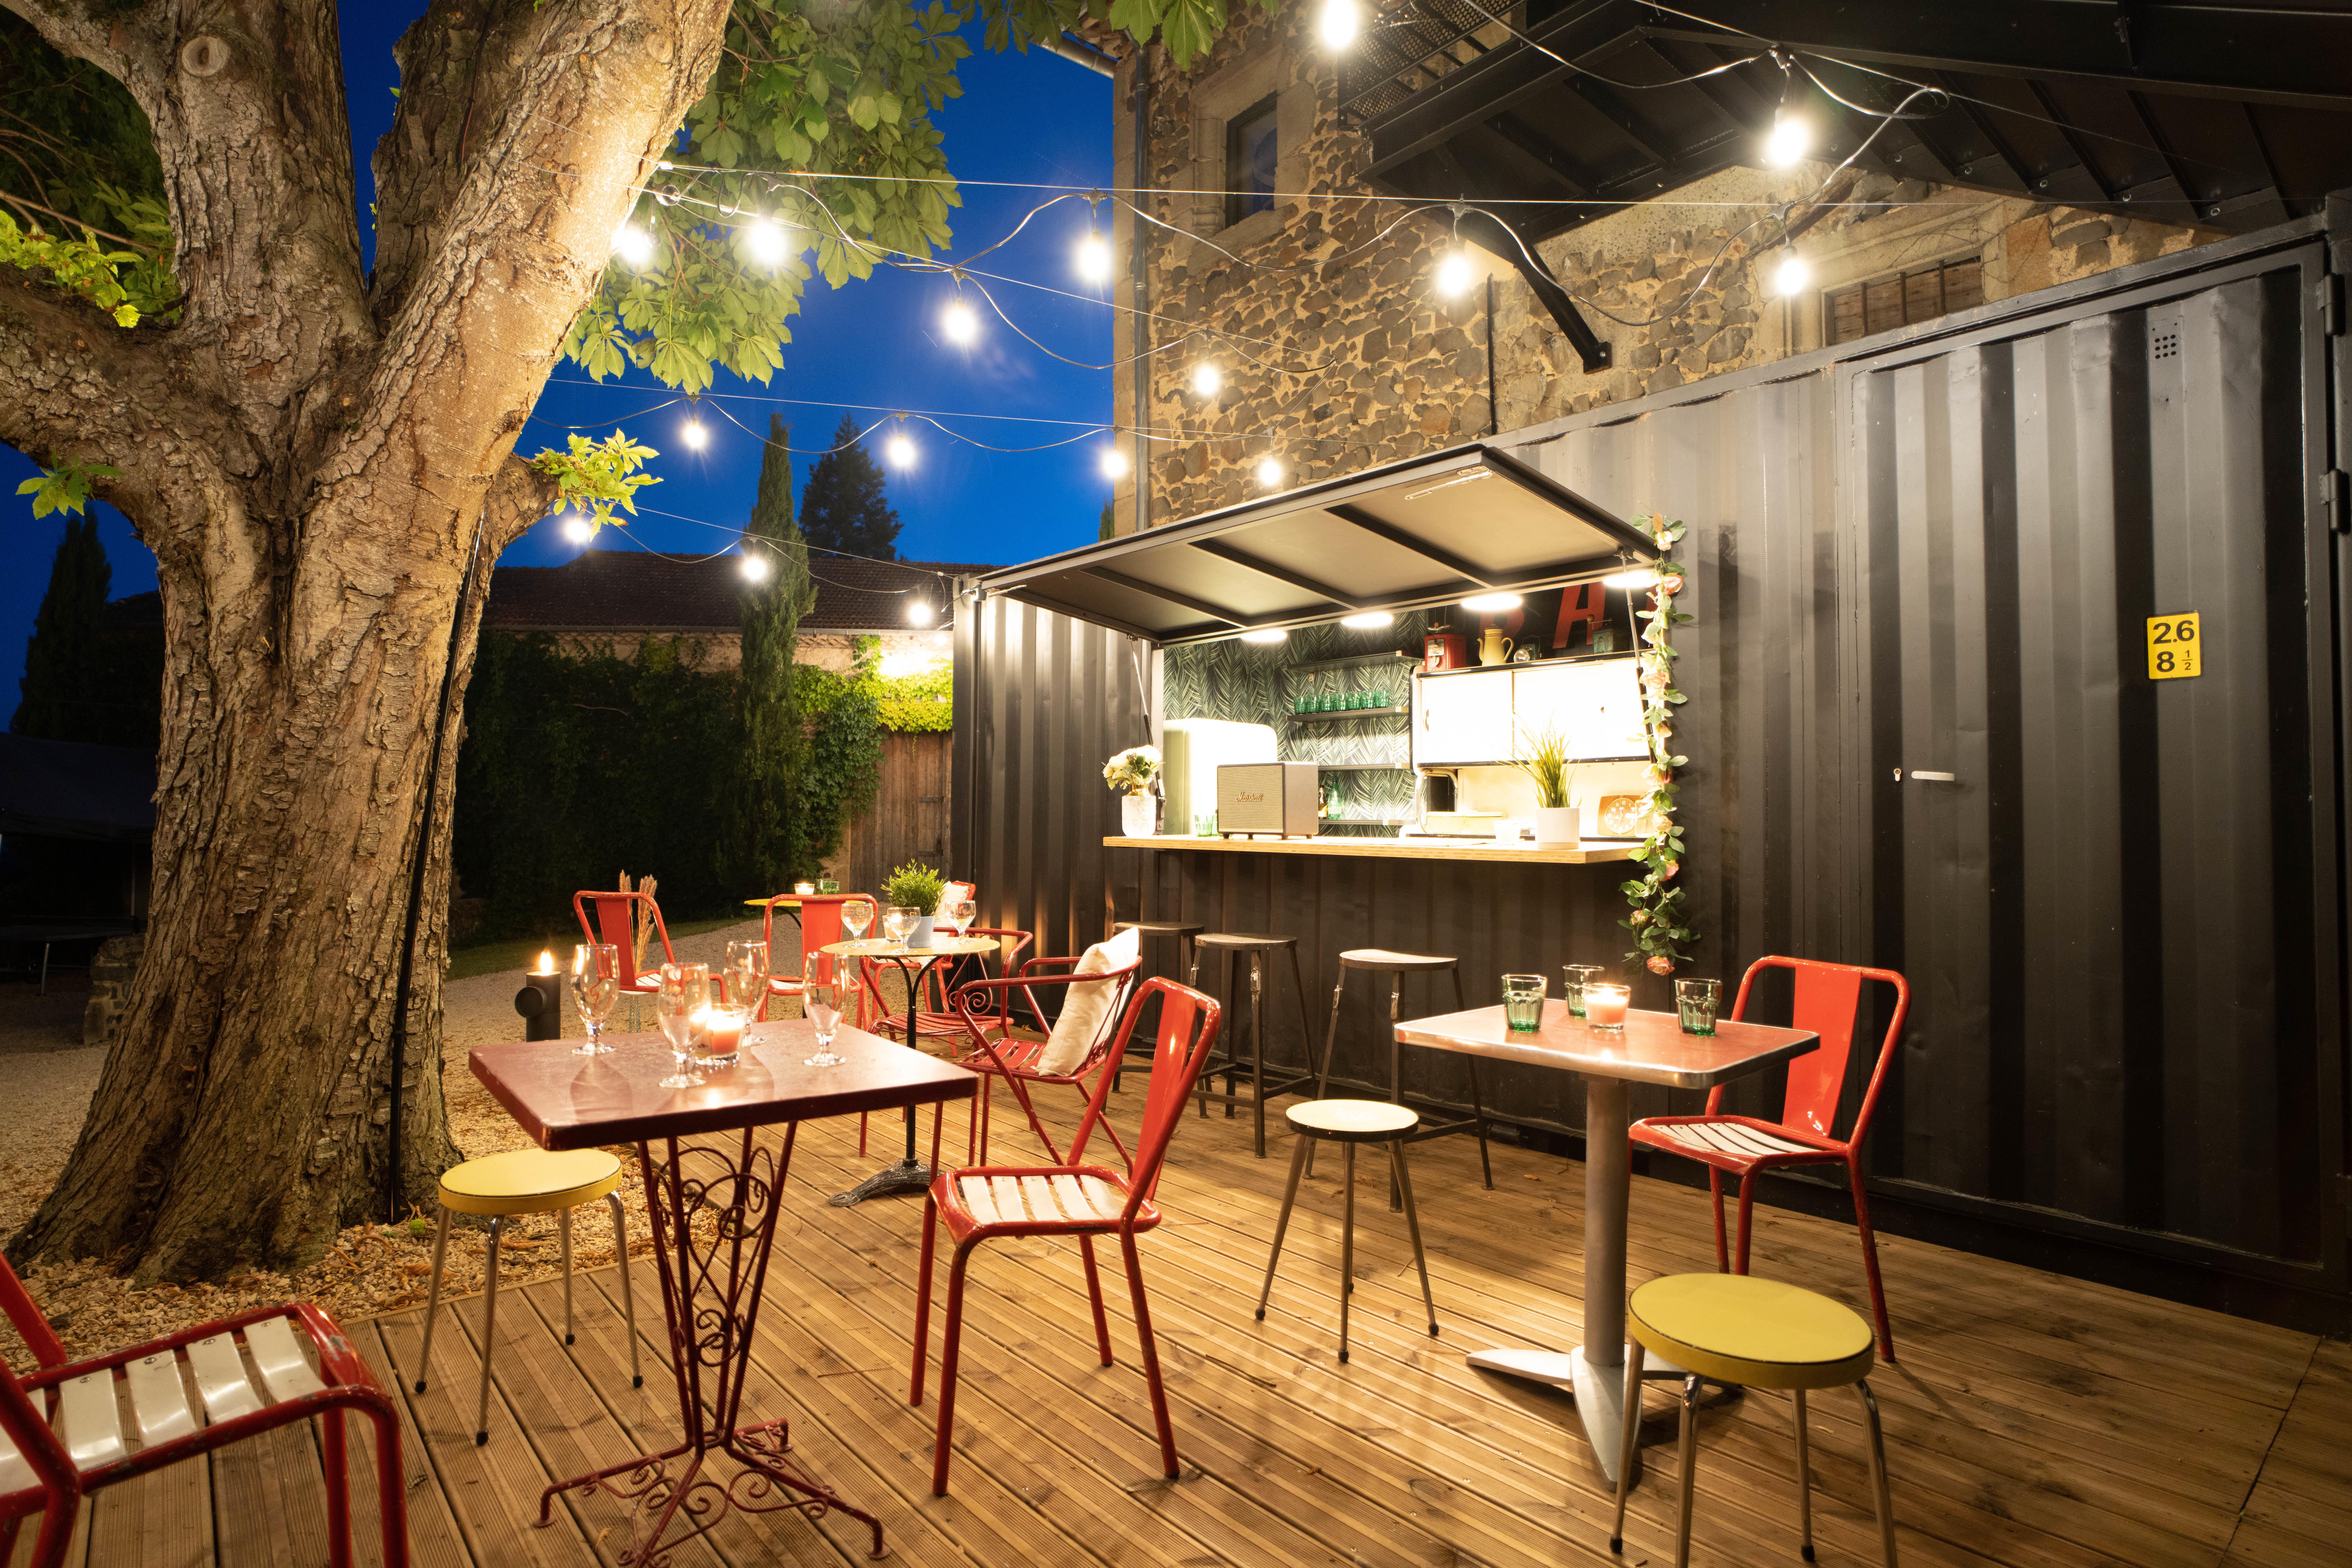 Photo du bar à cocktails du château de Bois Rigaud près de Clermont-Ferrand